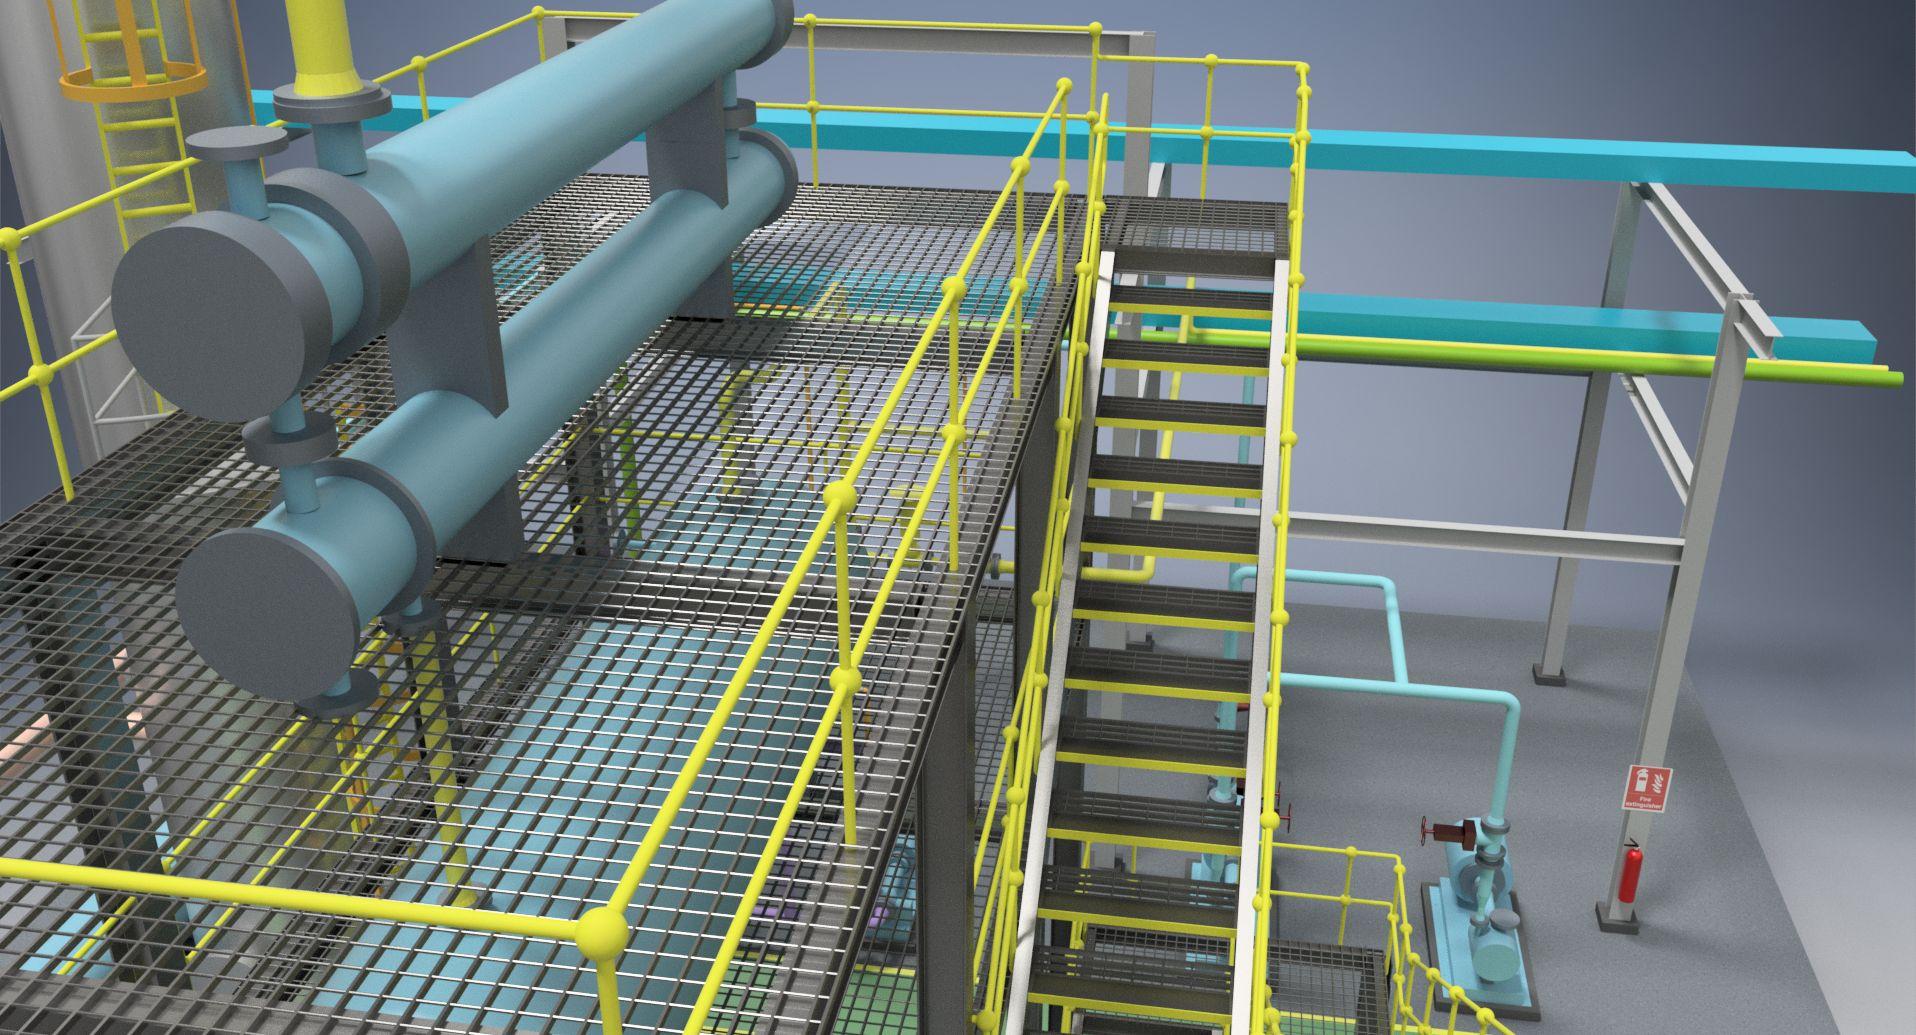 Stair-condenser-zoom-3500-3500